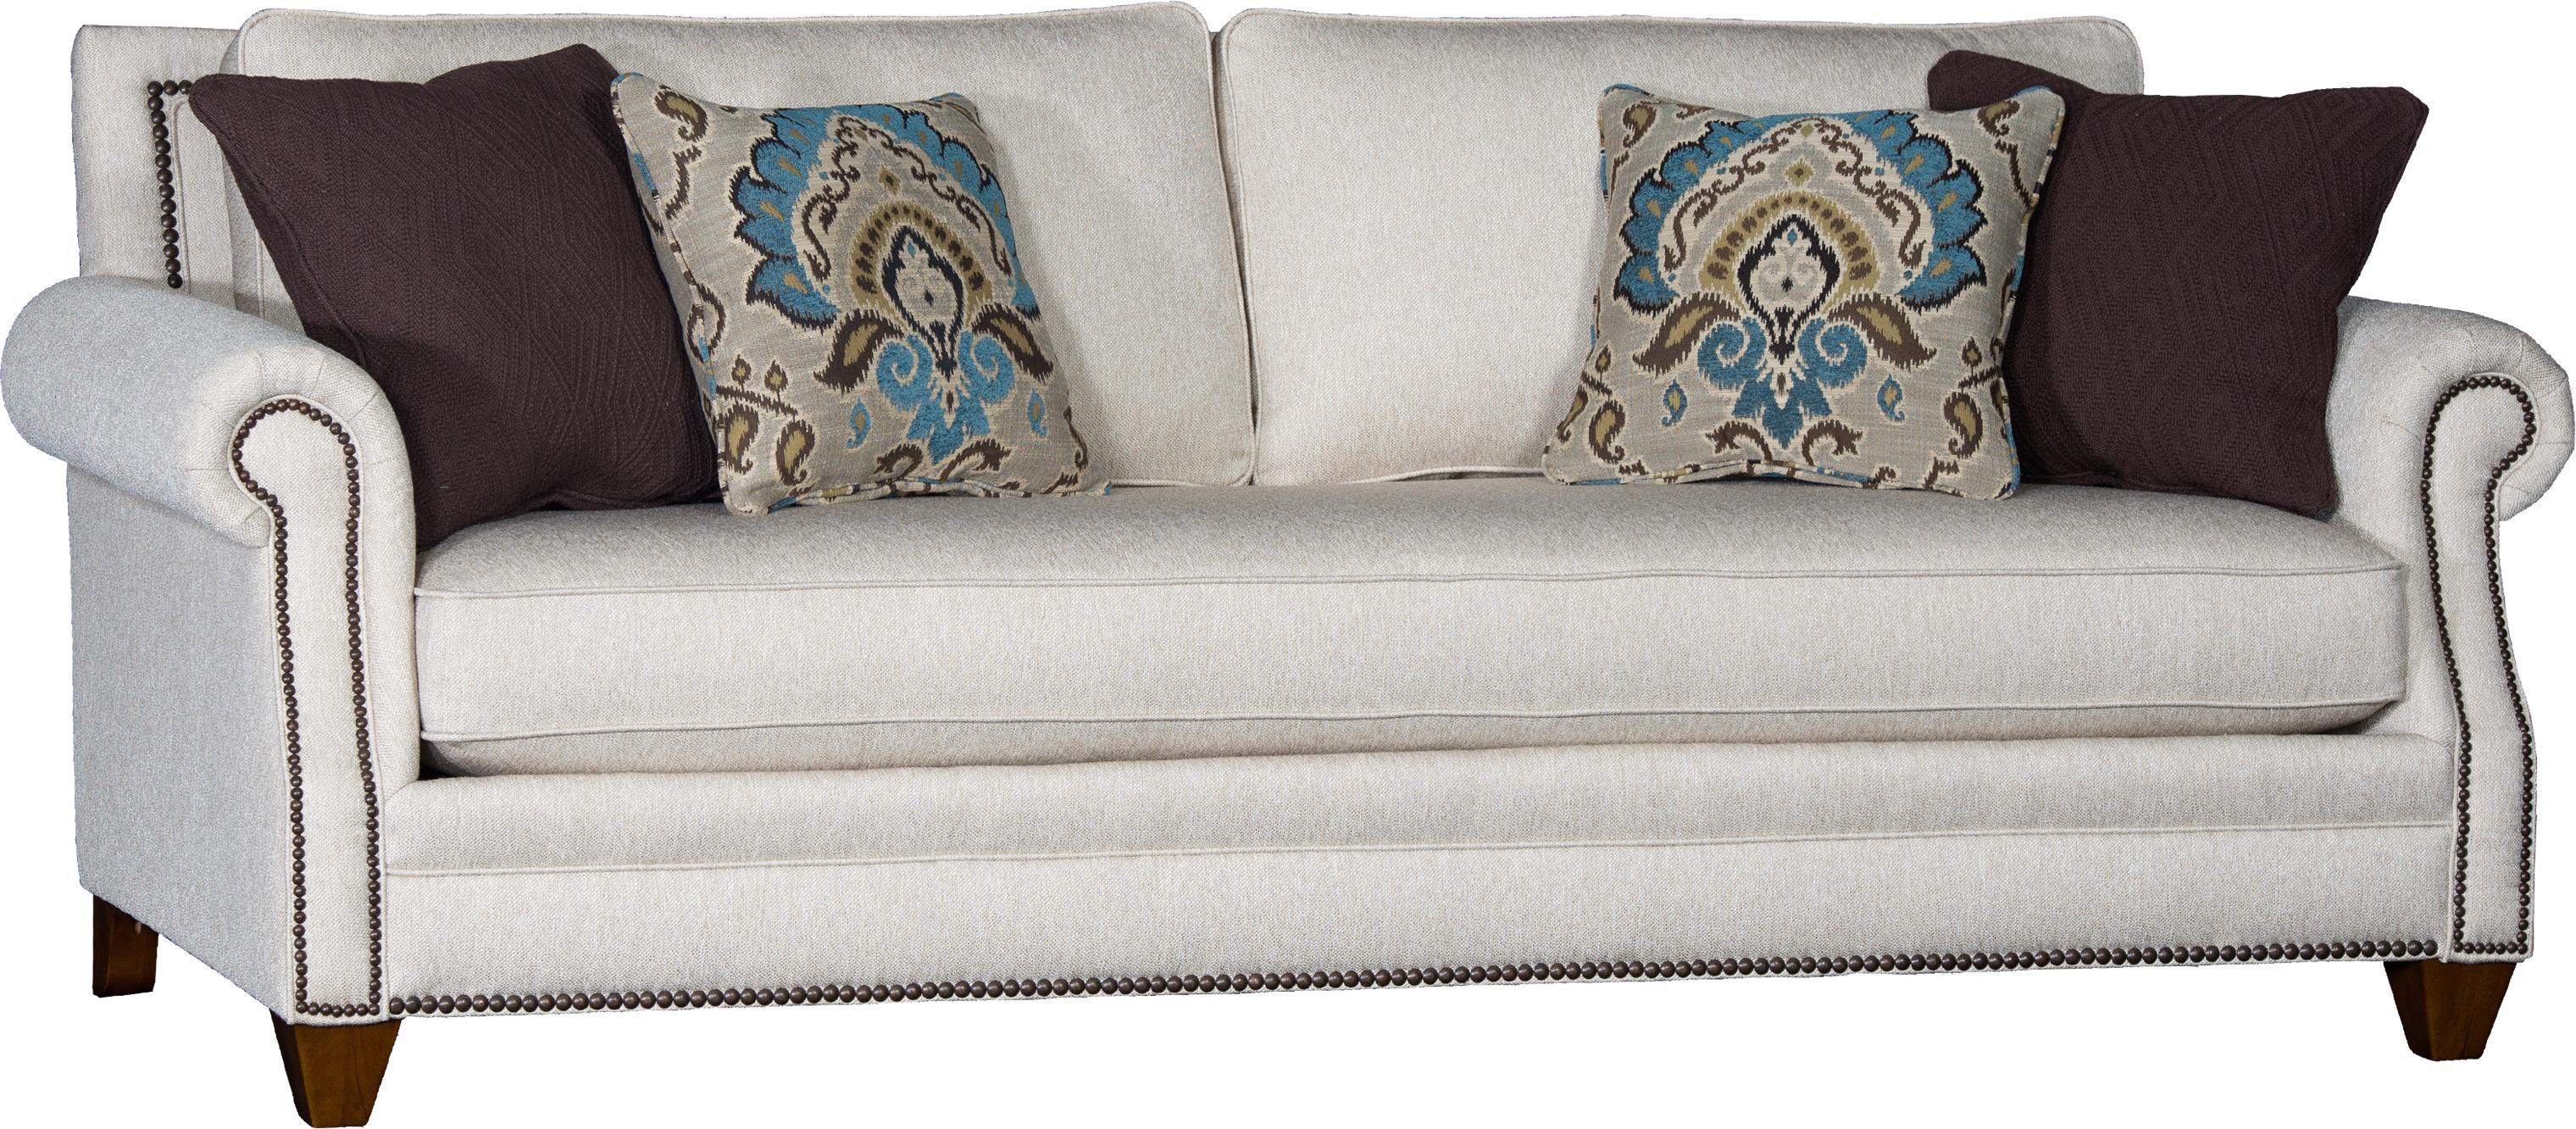 7240 Sofa by Mayo at Pedigo Furniture